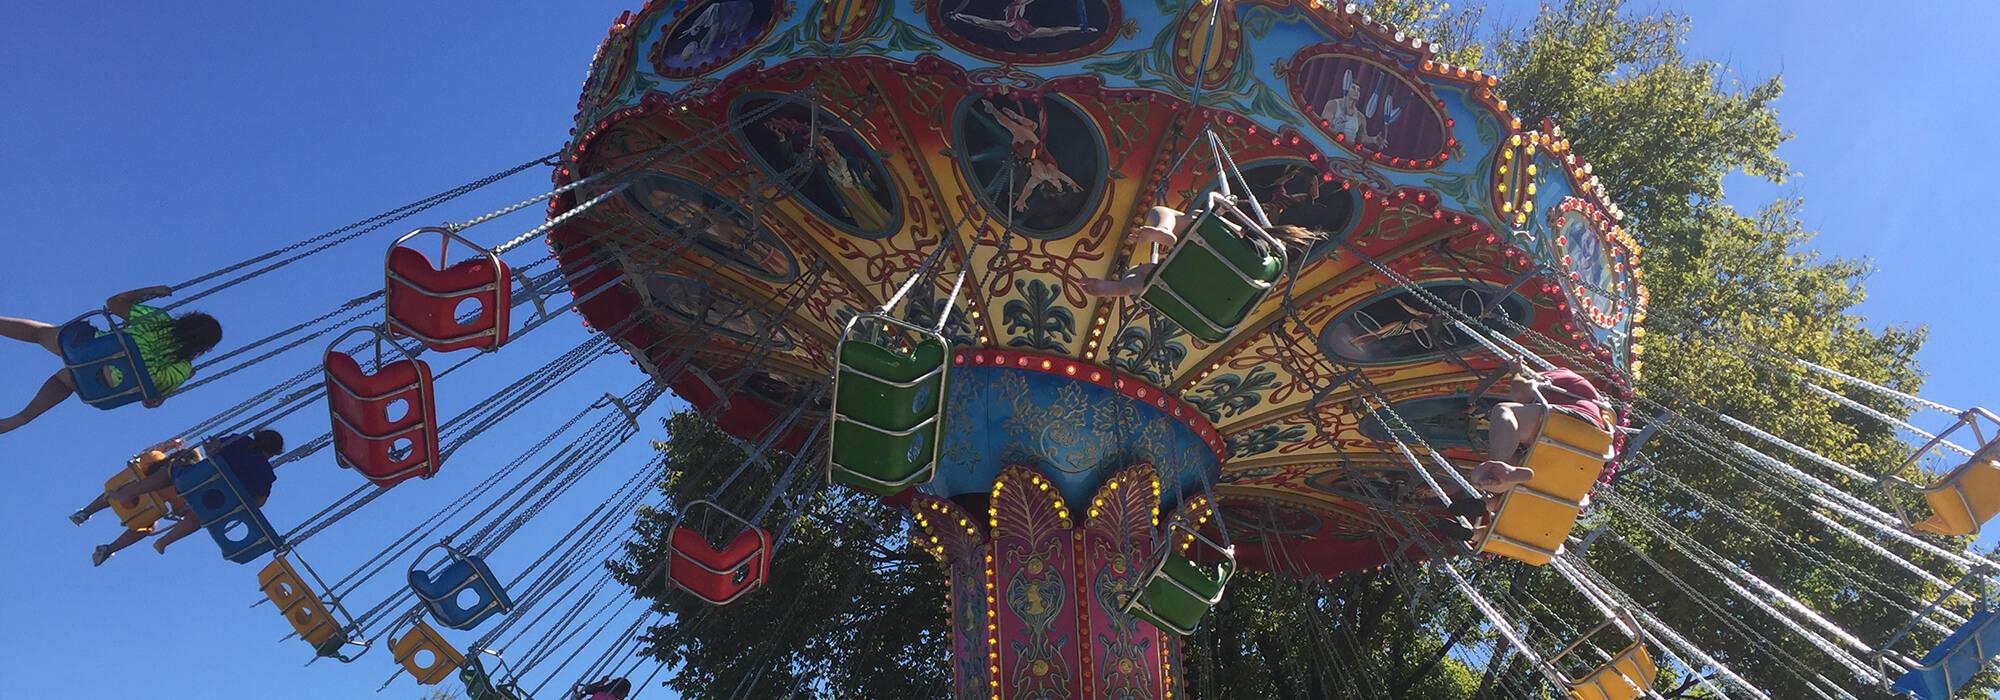 Bluegrass Breeze   Beech Bend Amusement Park - Bowling Green, KY